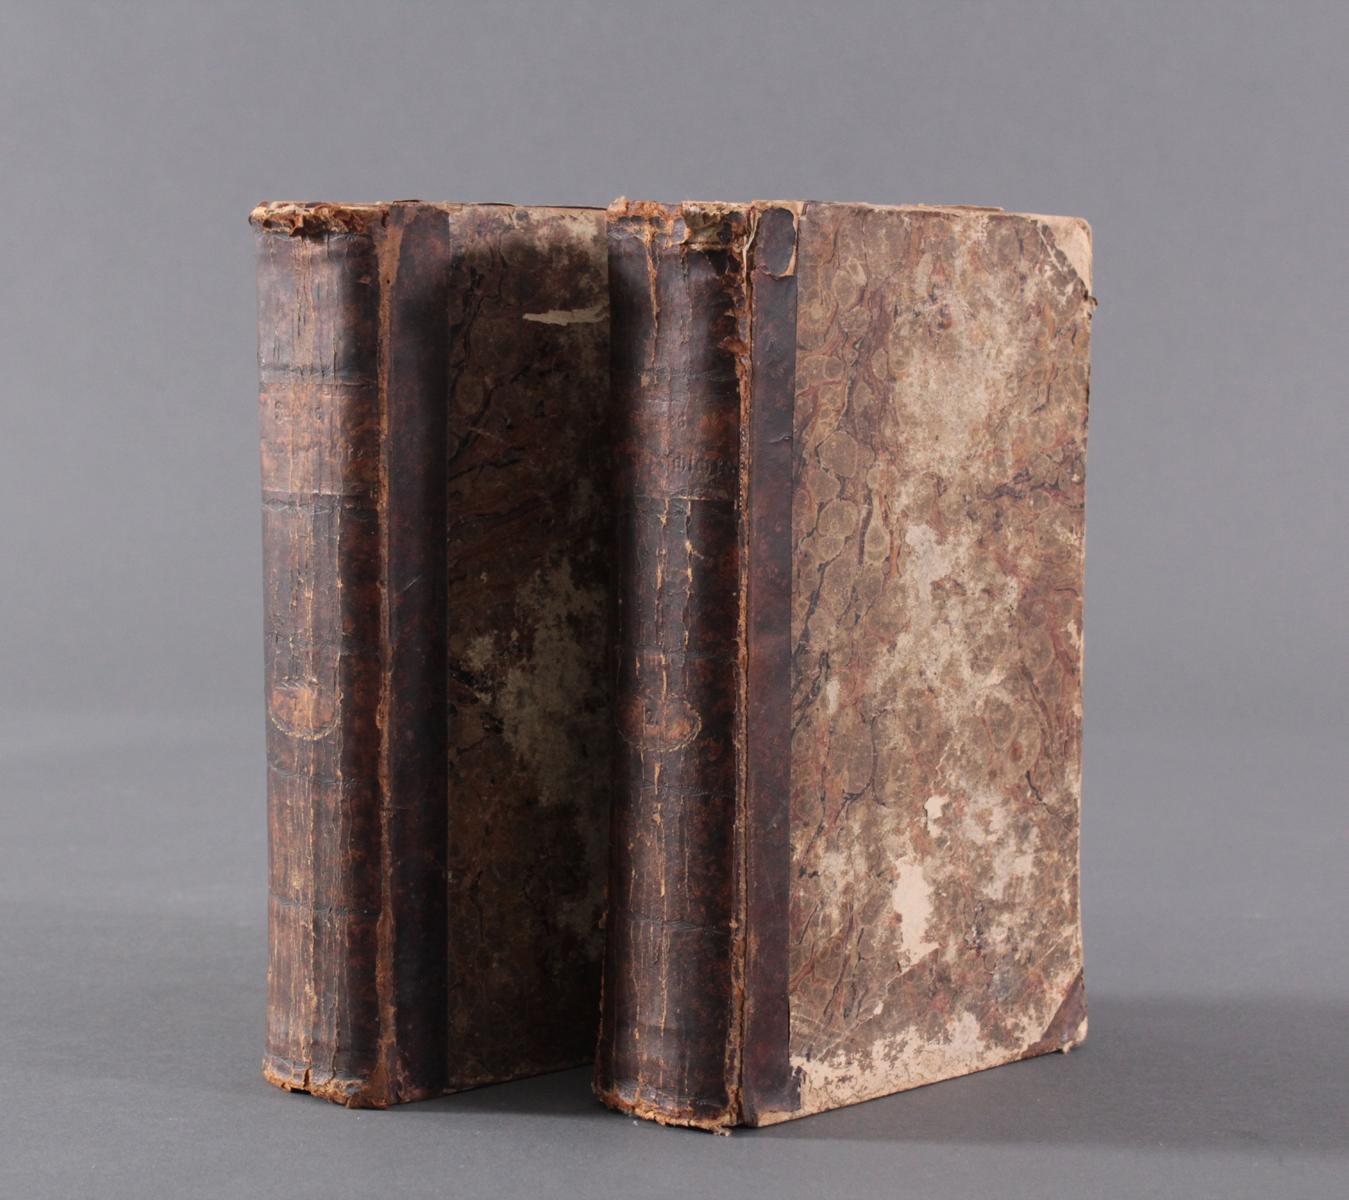 Funke, C. Ph. Naturgeschichte. Das Tierreich Dessau 1804